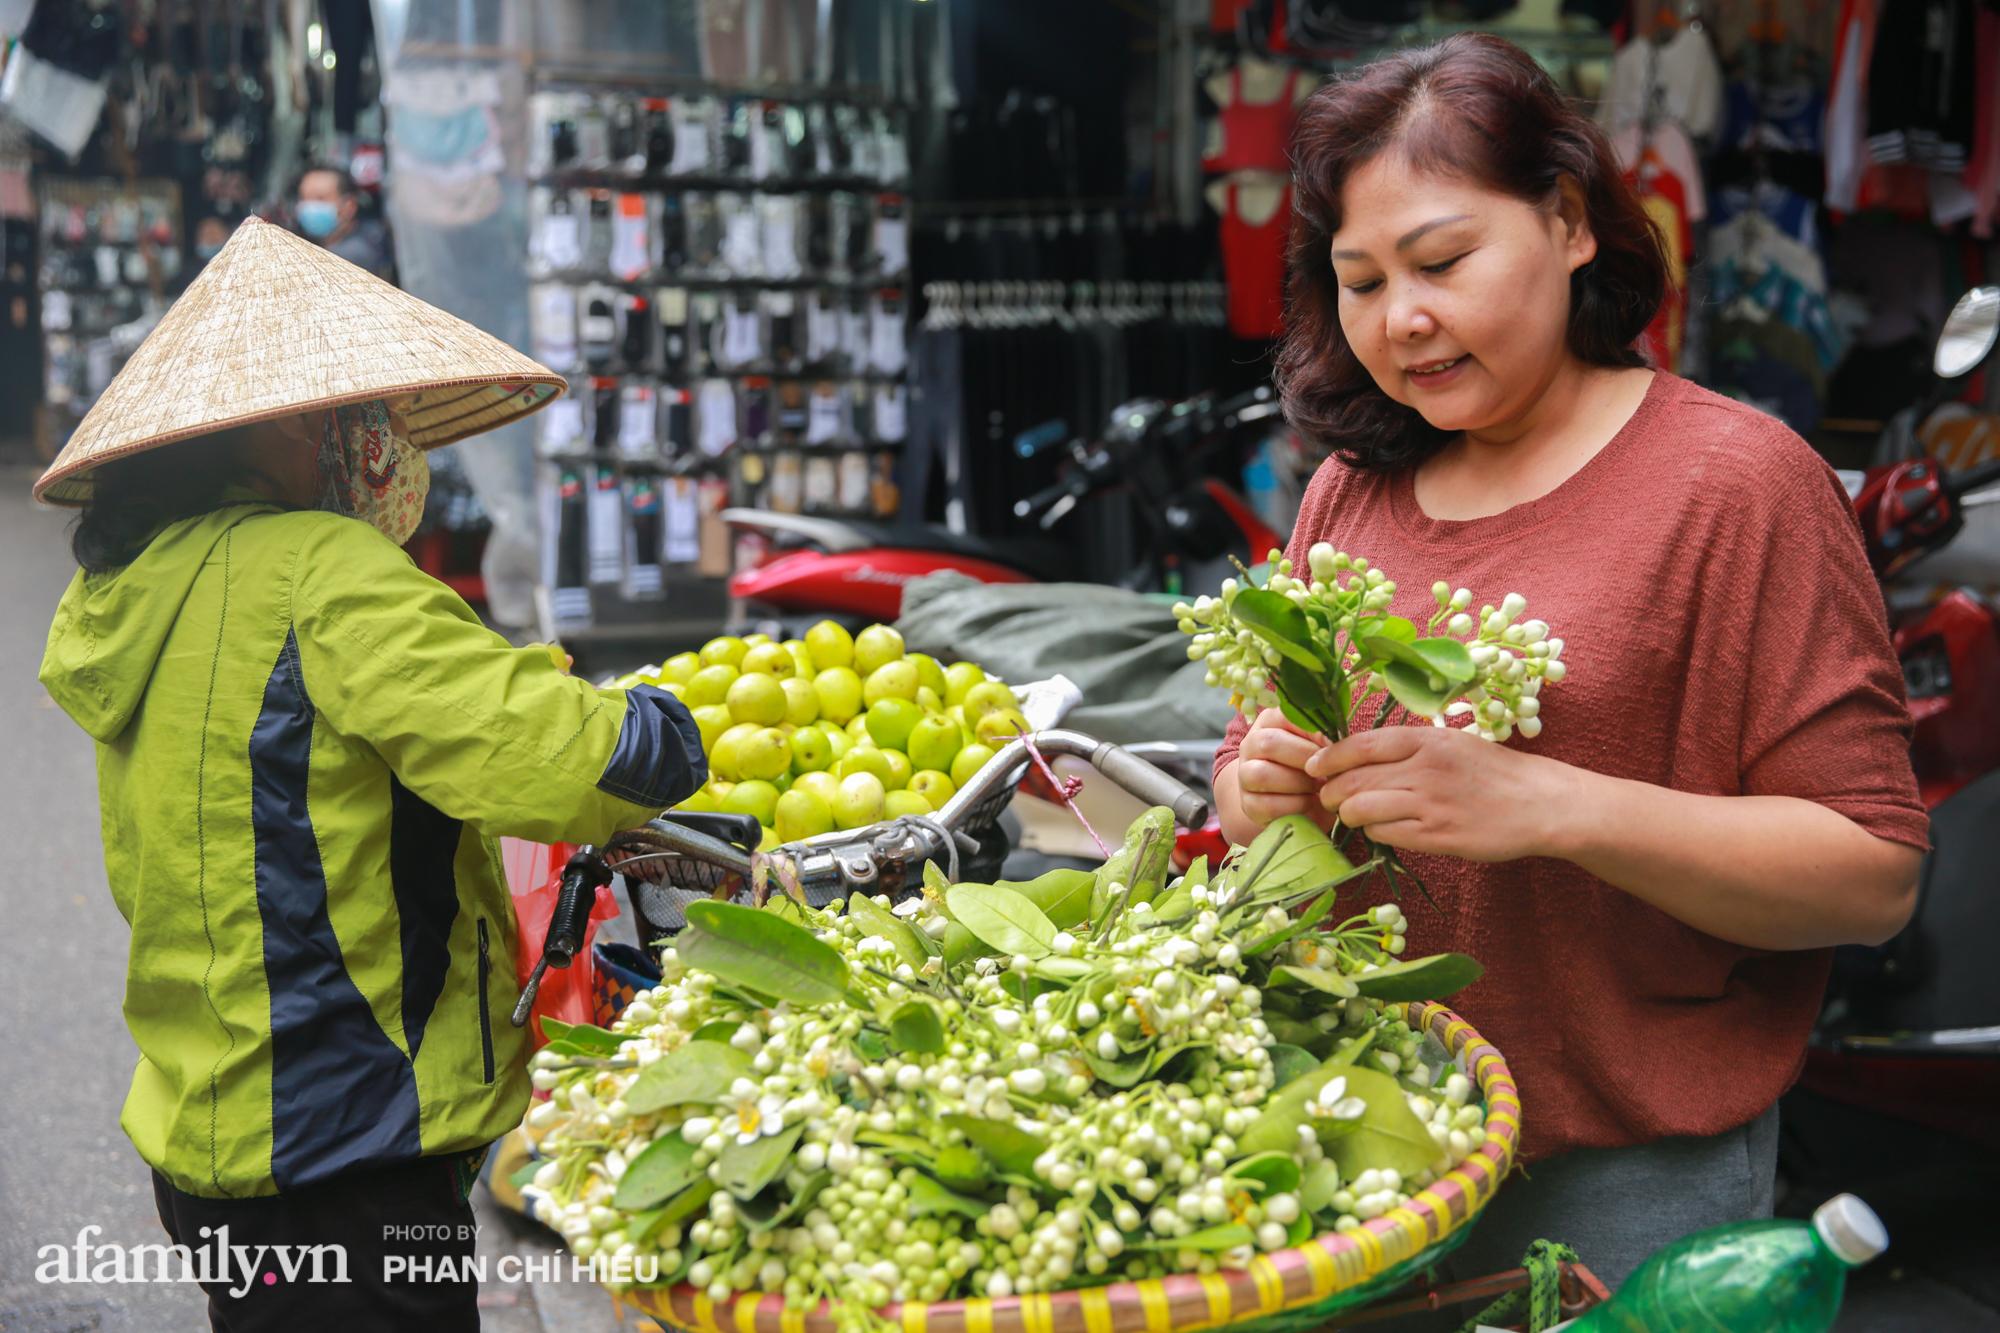 Hàng bưởi Diễn da vàng óng có từng búi hoa tươi trở thành món hàng siêu độc trên chợ nhà giàu Hà Nội, tận 100k/quả, bà chủ thu cả chục triệu mỗi ngày!  - Ảnh 9.